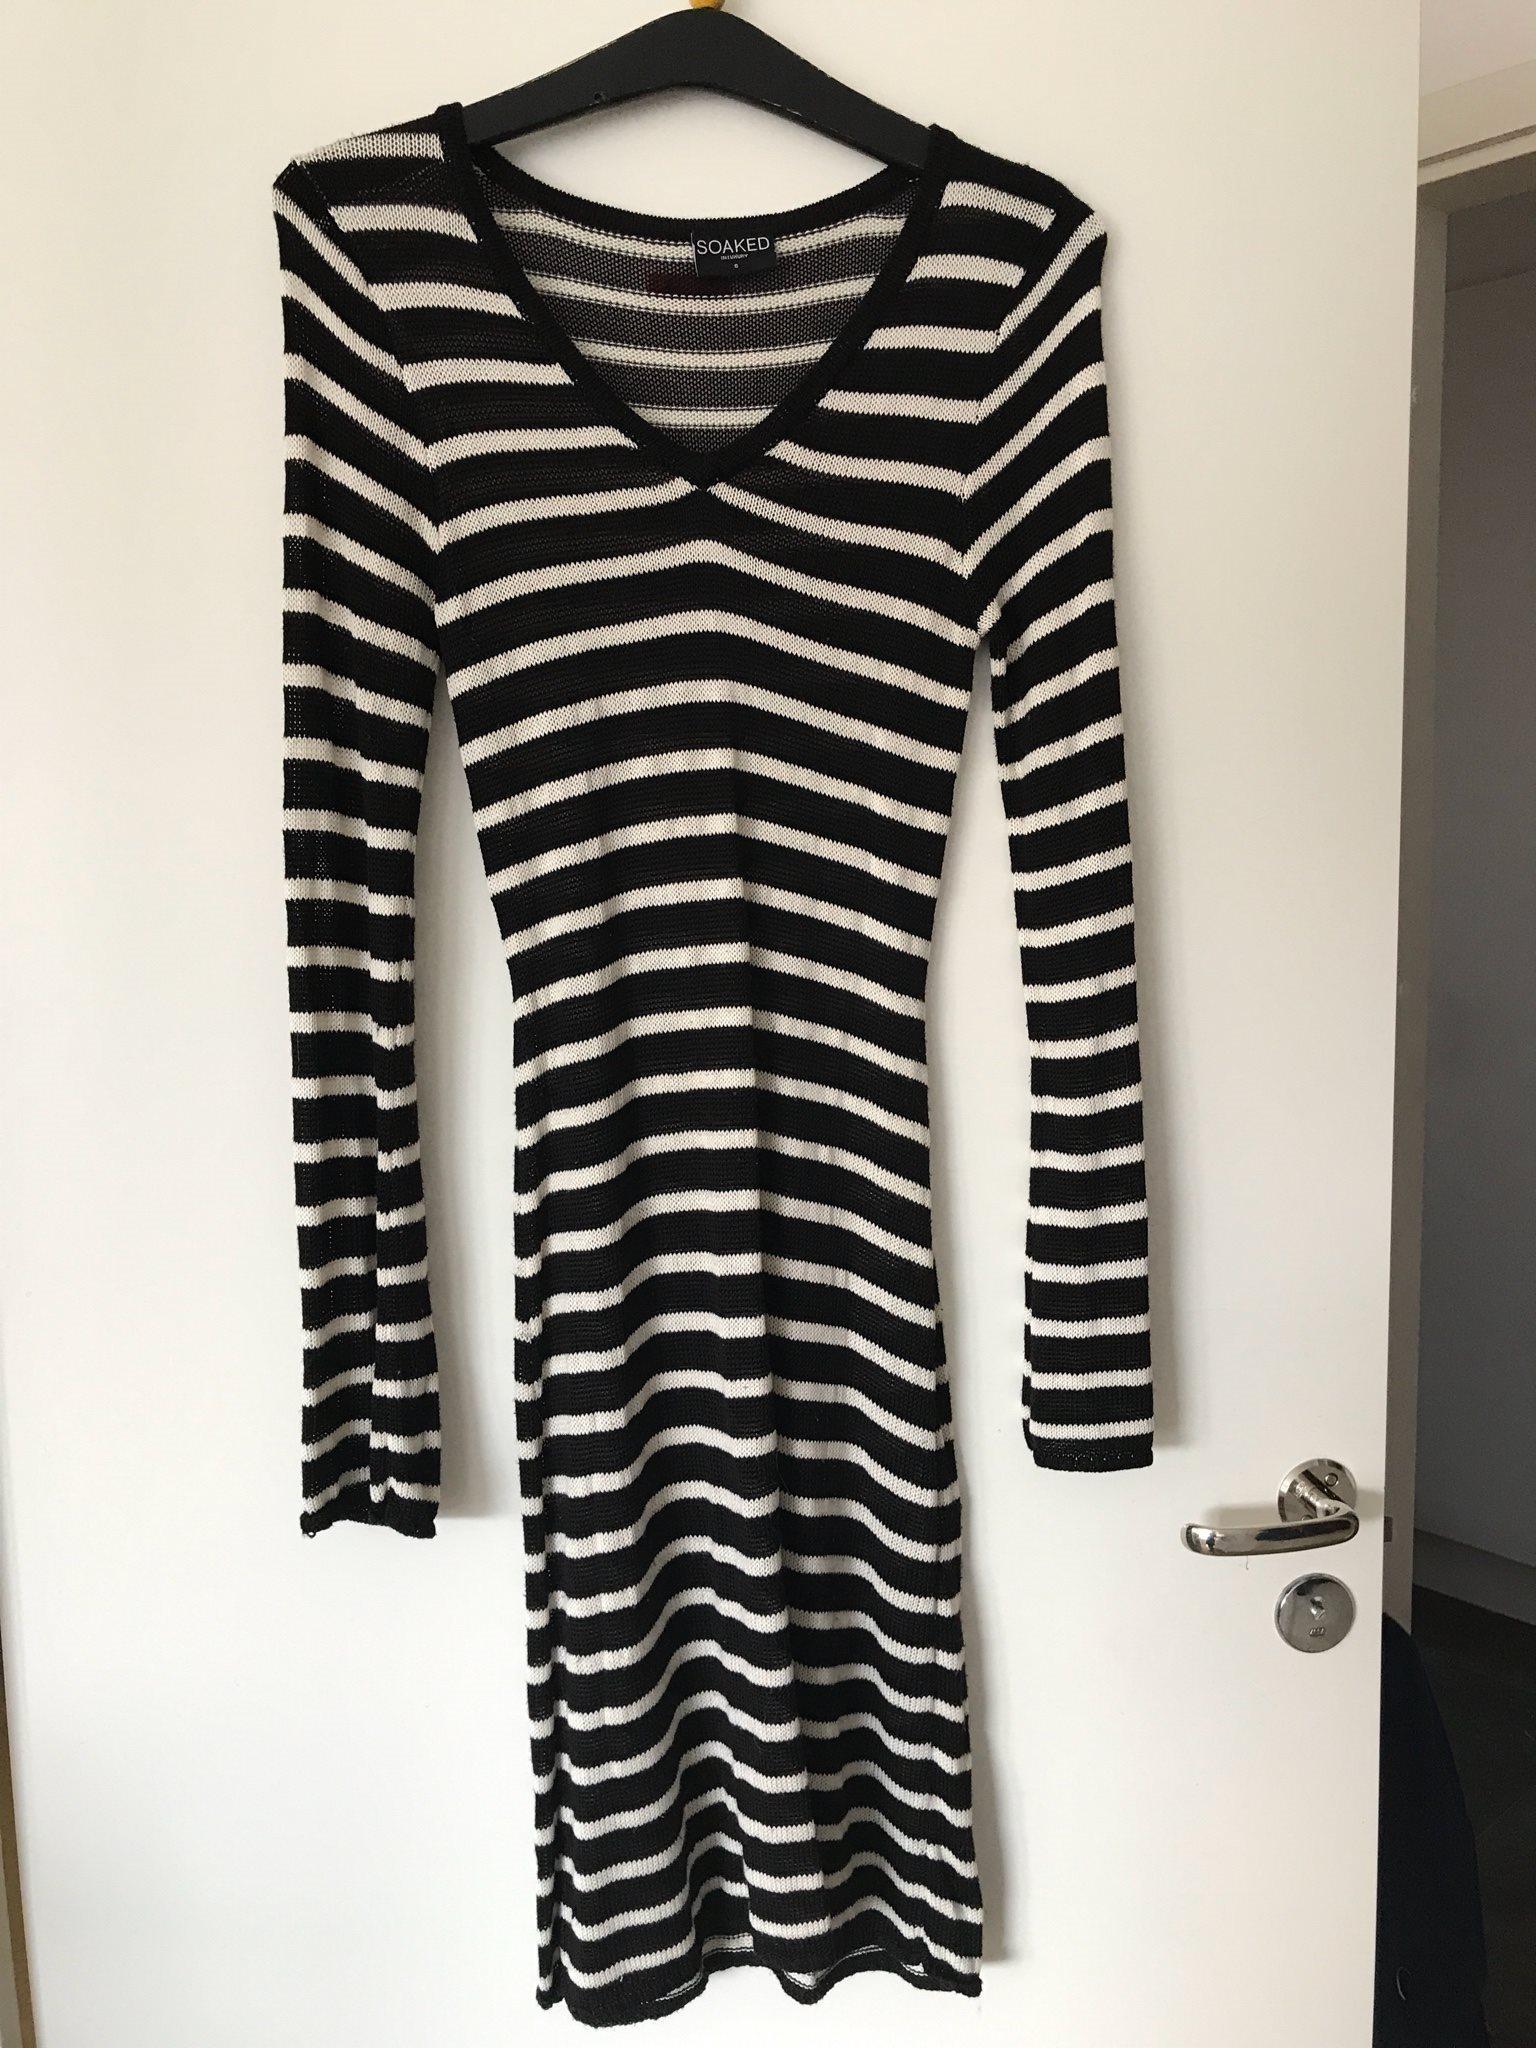 Svart och vit randig klänning från Soaked in lu.. (332380216) ᐈ Köp ... 755006b3fec99